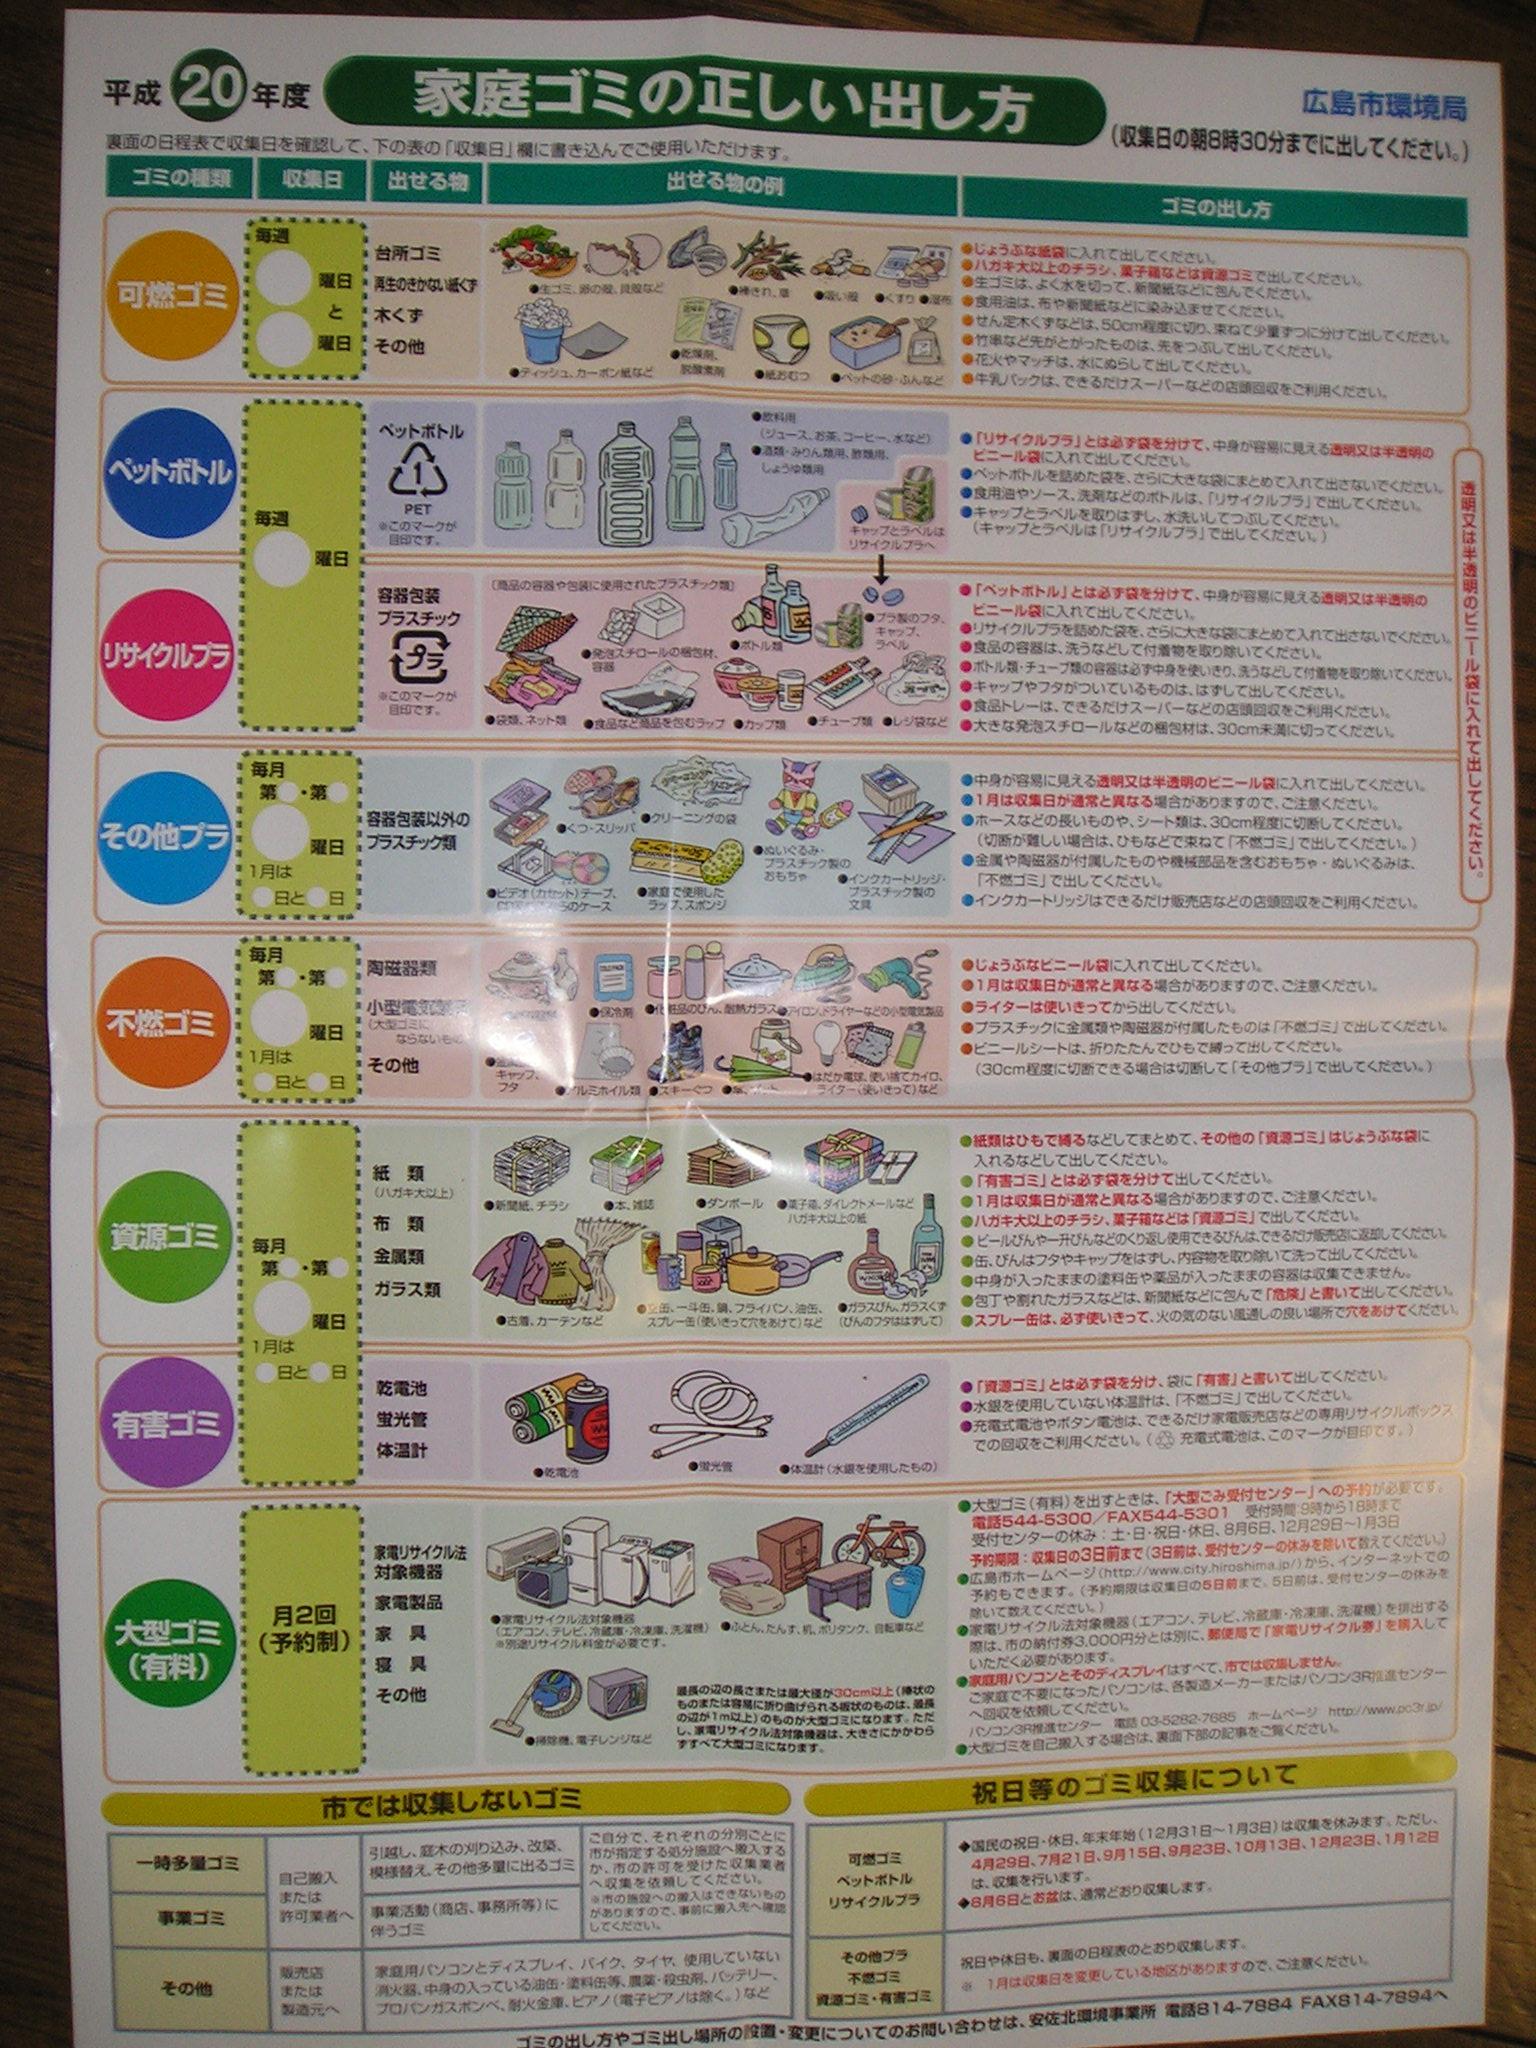 広島 市 ゴミ カレンダー